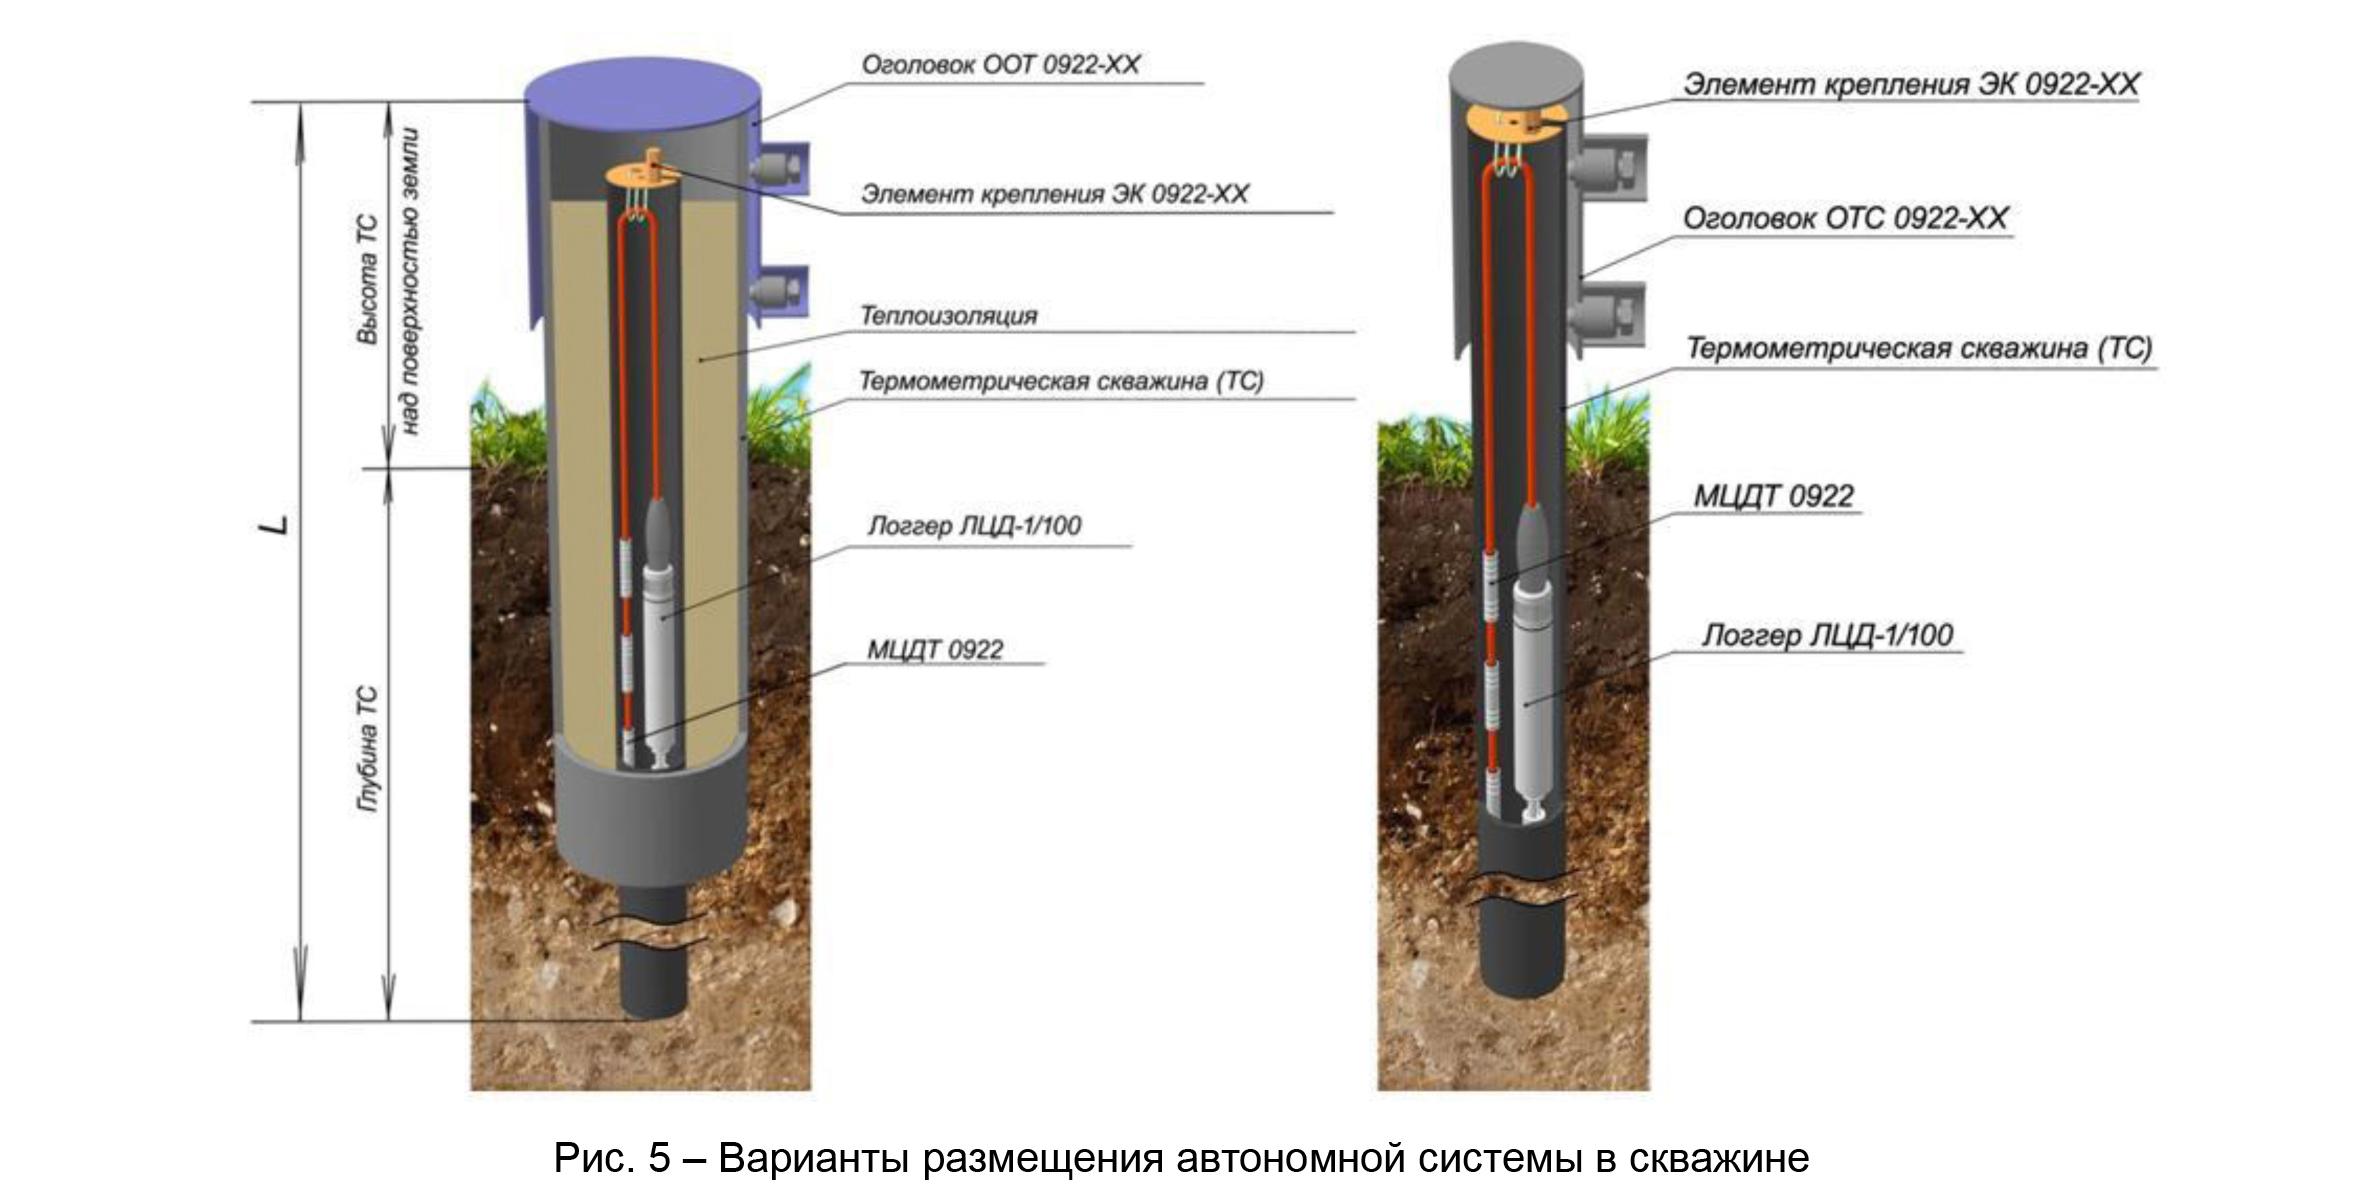 Опыт эксплуатации и перспективы развития систем мониторинга температуры вечномерзлых грунтов